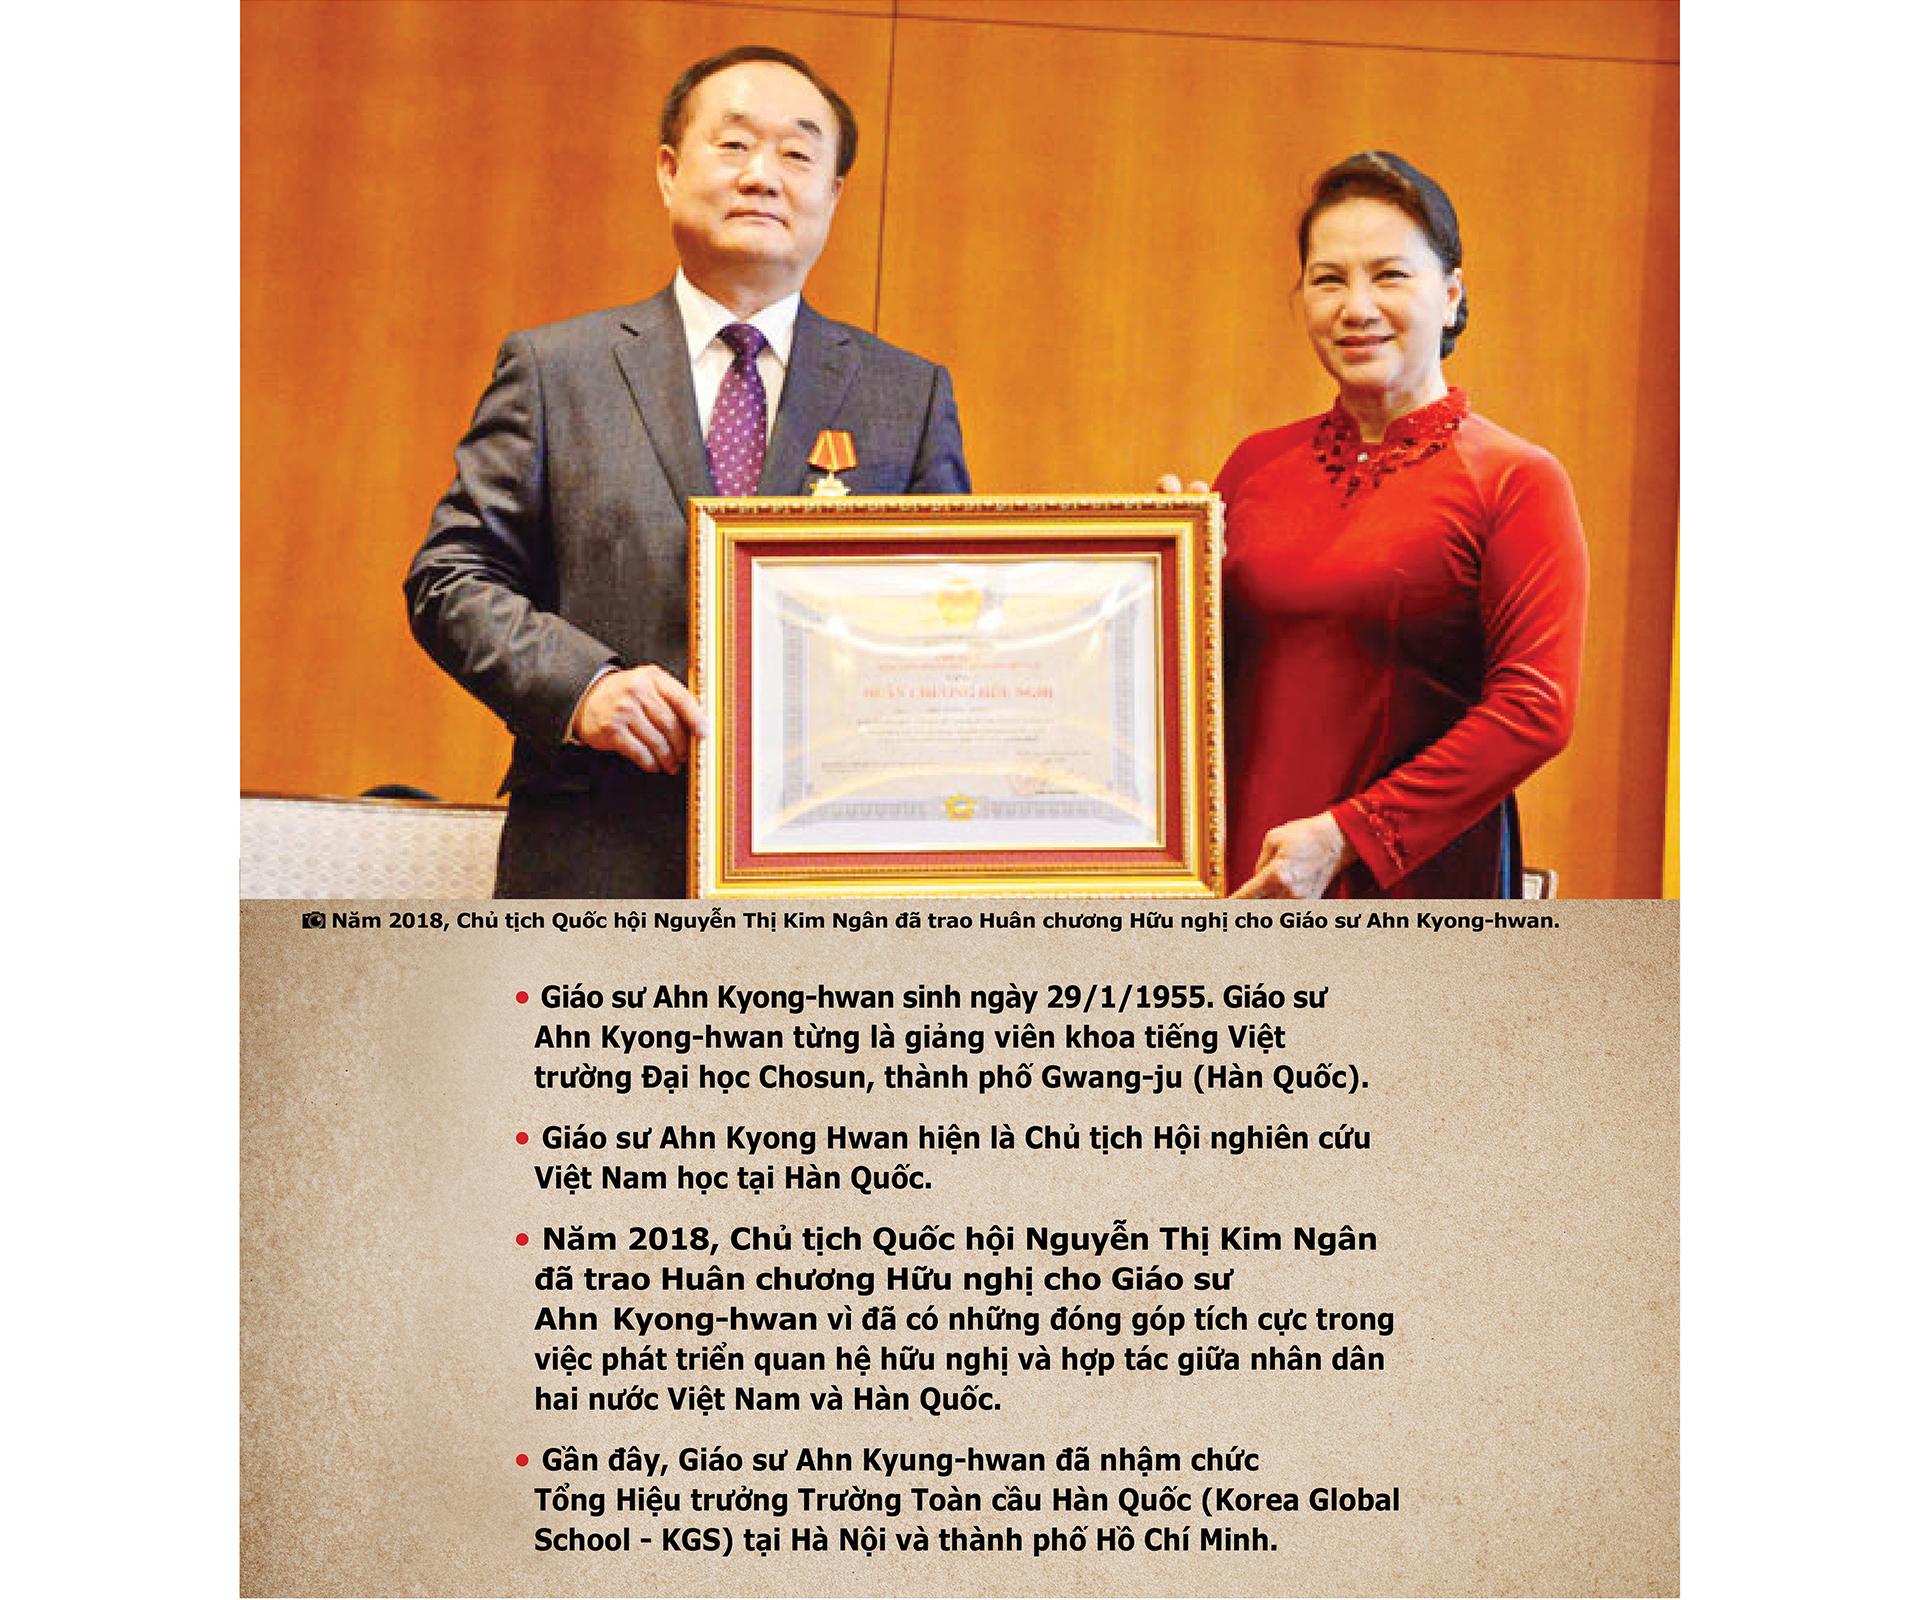 """Giáo sư Ahn Kyong-hwan: Những giá trị của """"Nhật ký trong tù"""" cần được lan tỏa mãi mãi - Ảnh 18."""